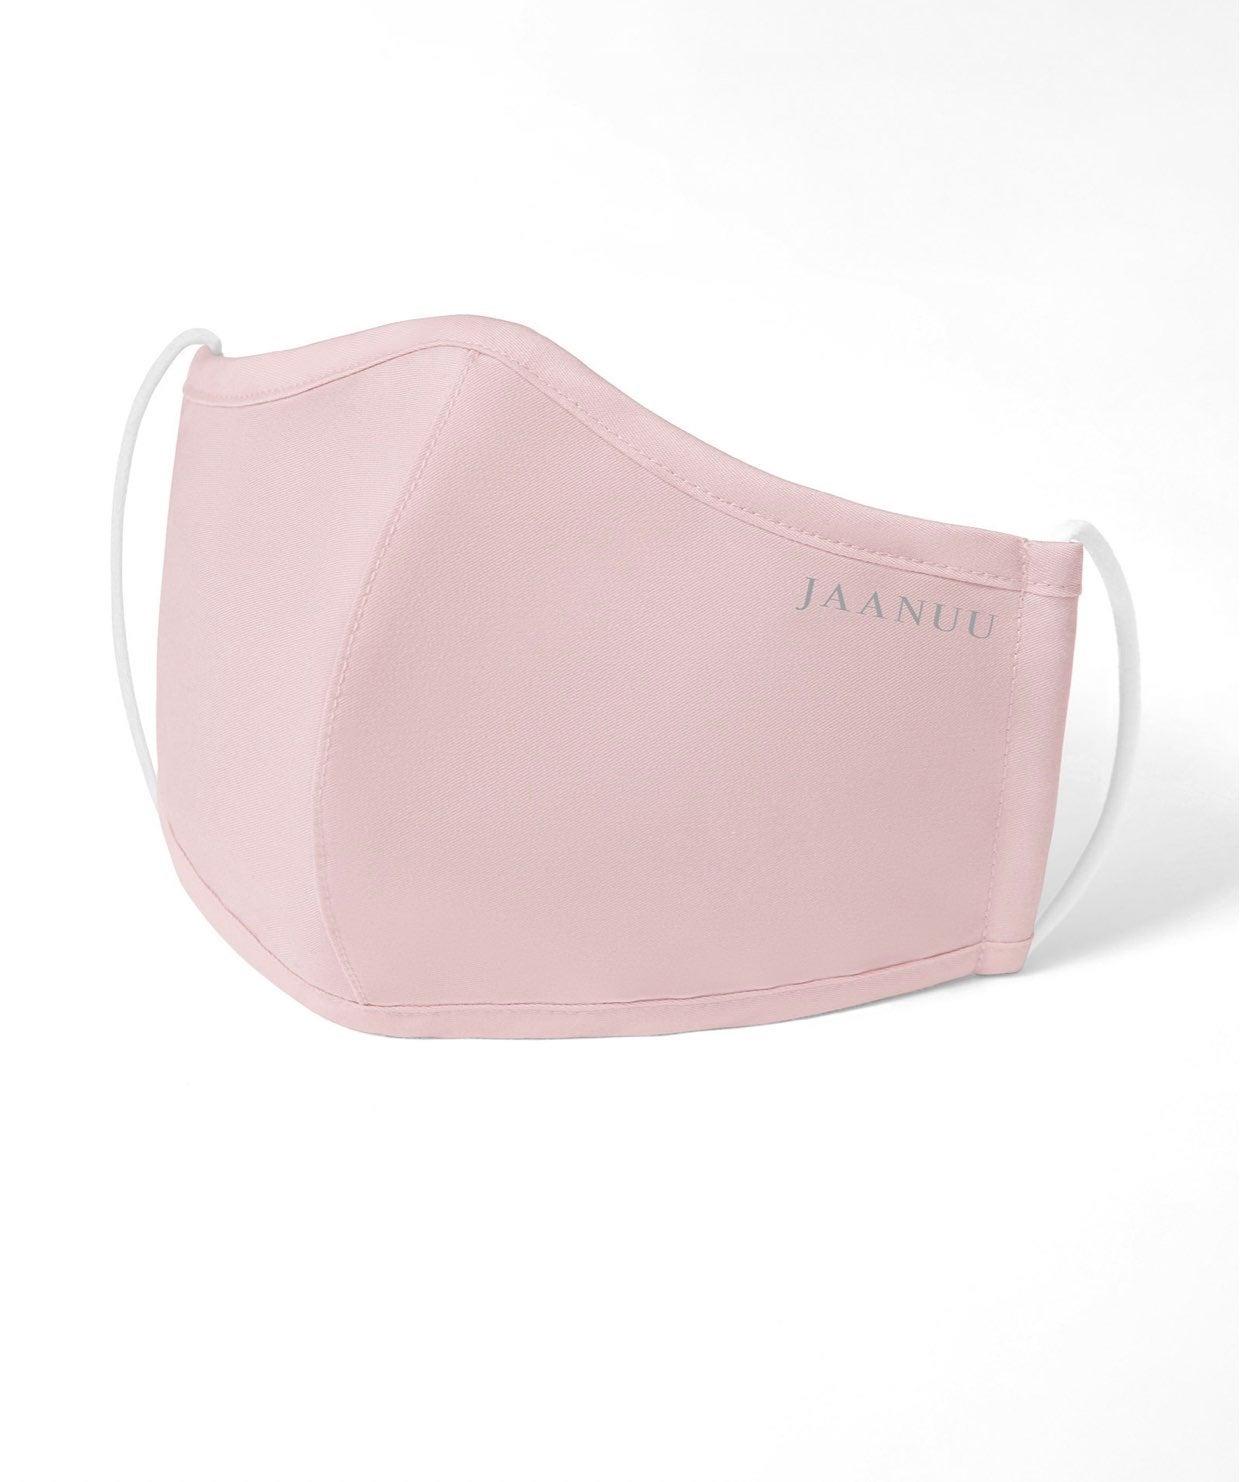 Reusable Jaanuu Adult size Mask